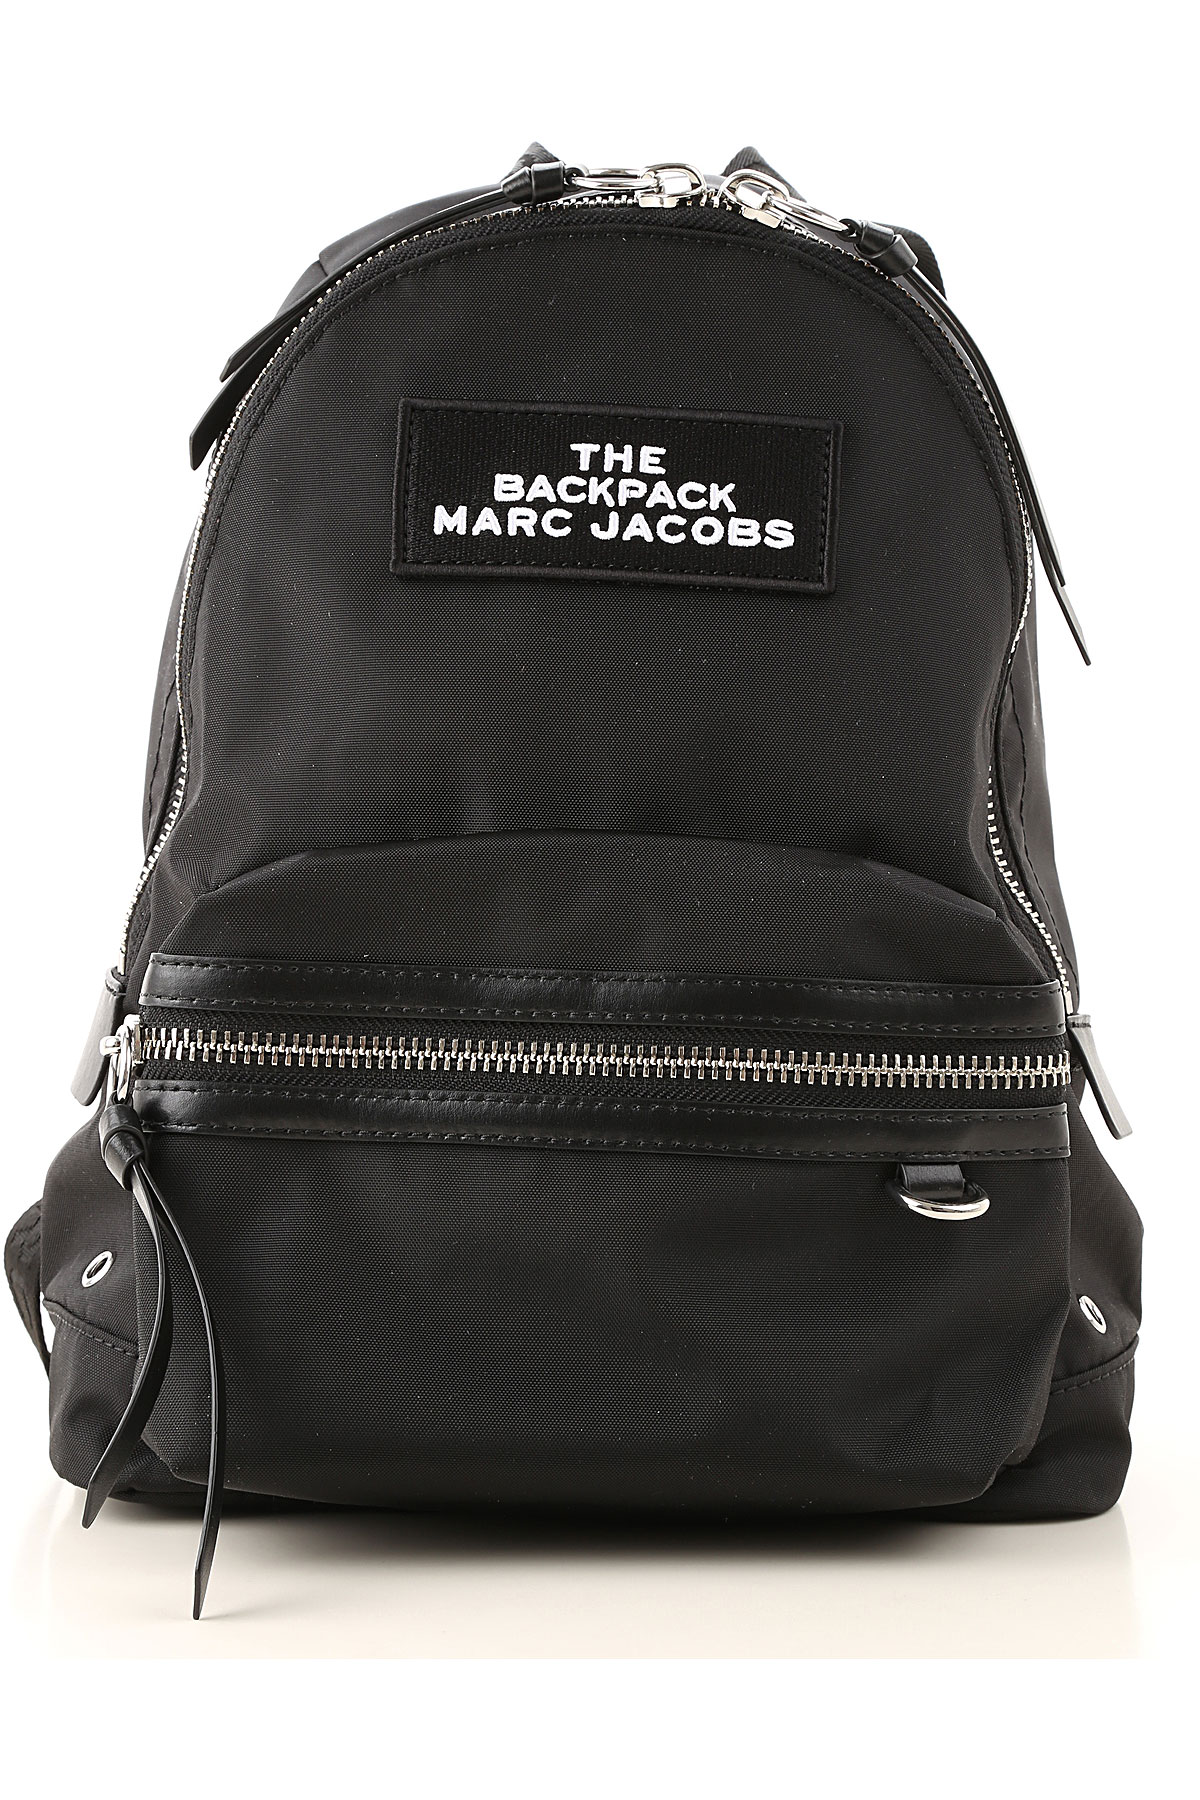 Marc Jacobs Backpack for Women On Sale, Black, Nylon, 2019